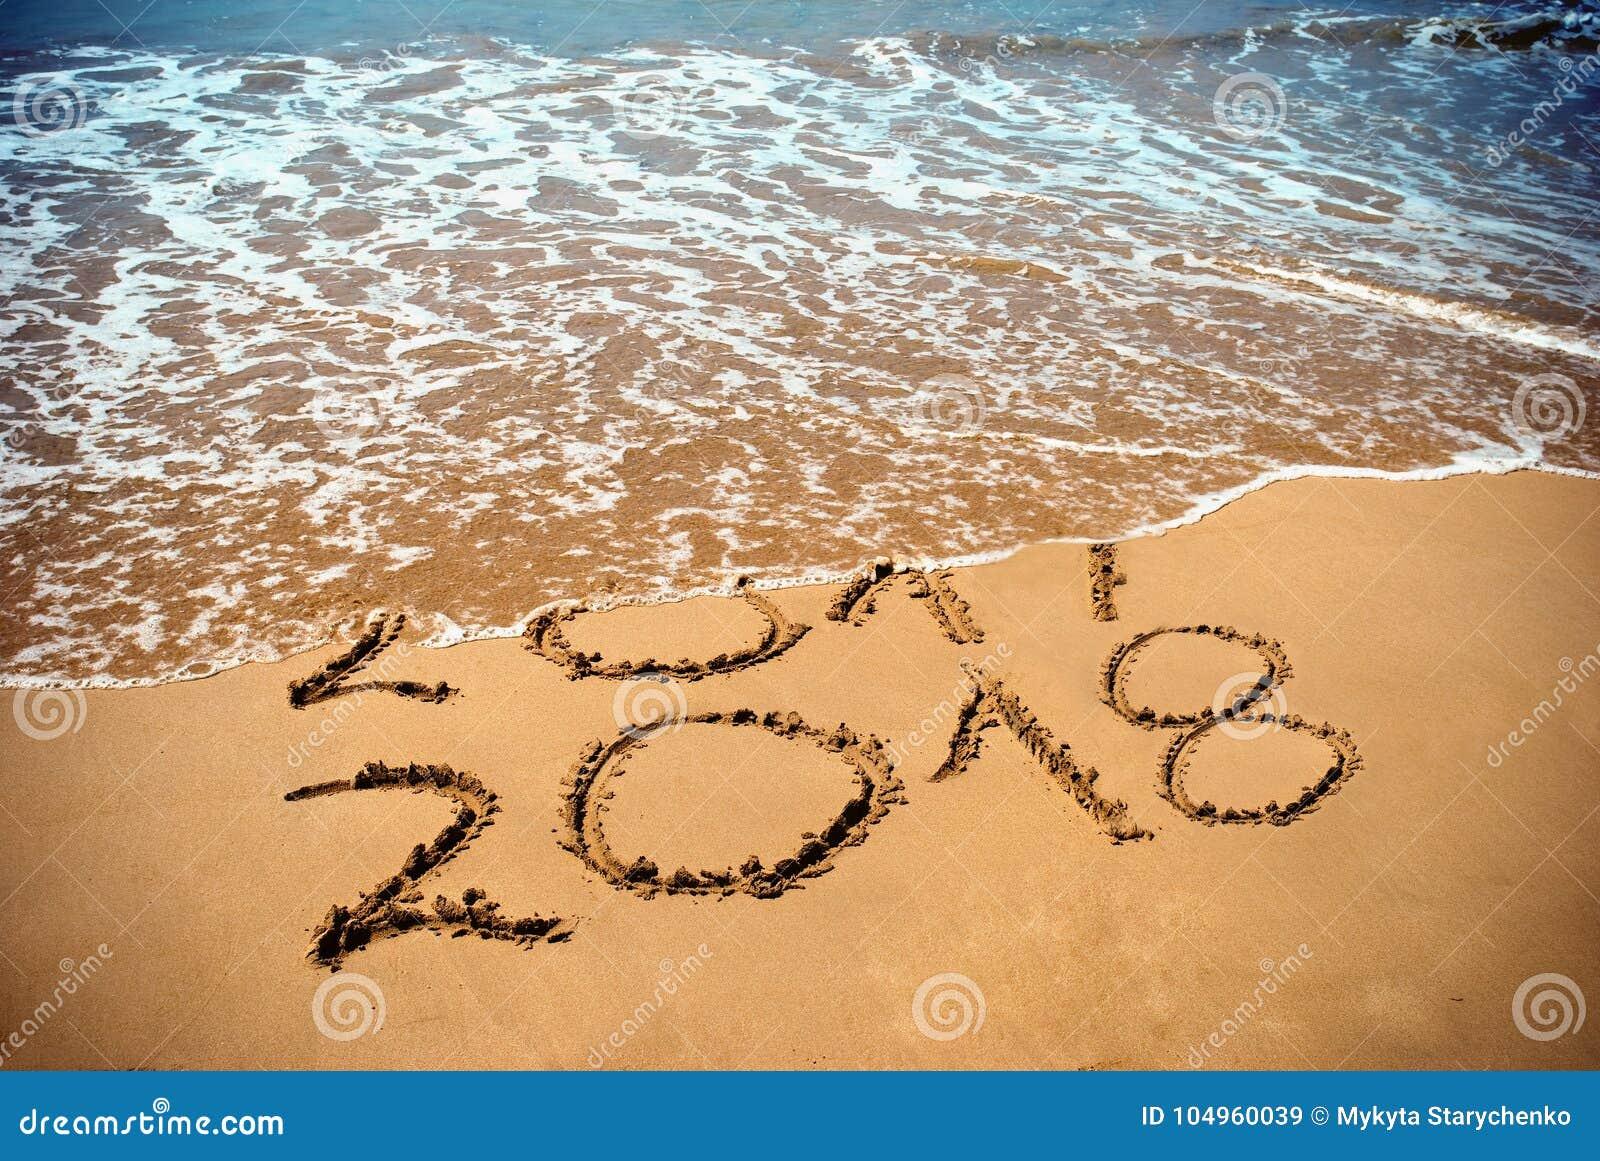 新年2018年是以后的概念-在海滩沙子的题字2017年和2018年,波浪包括数字2017年 新年2018年著名人士